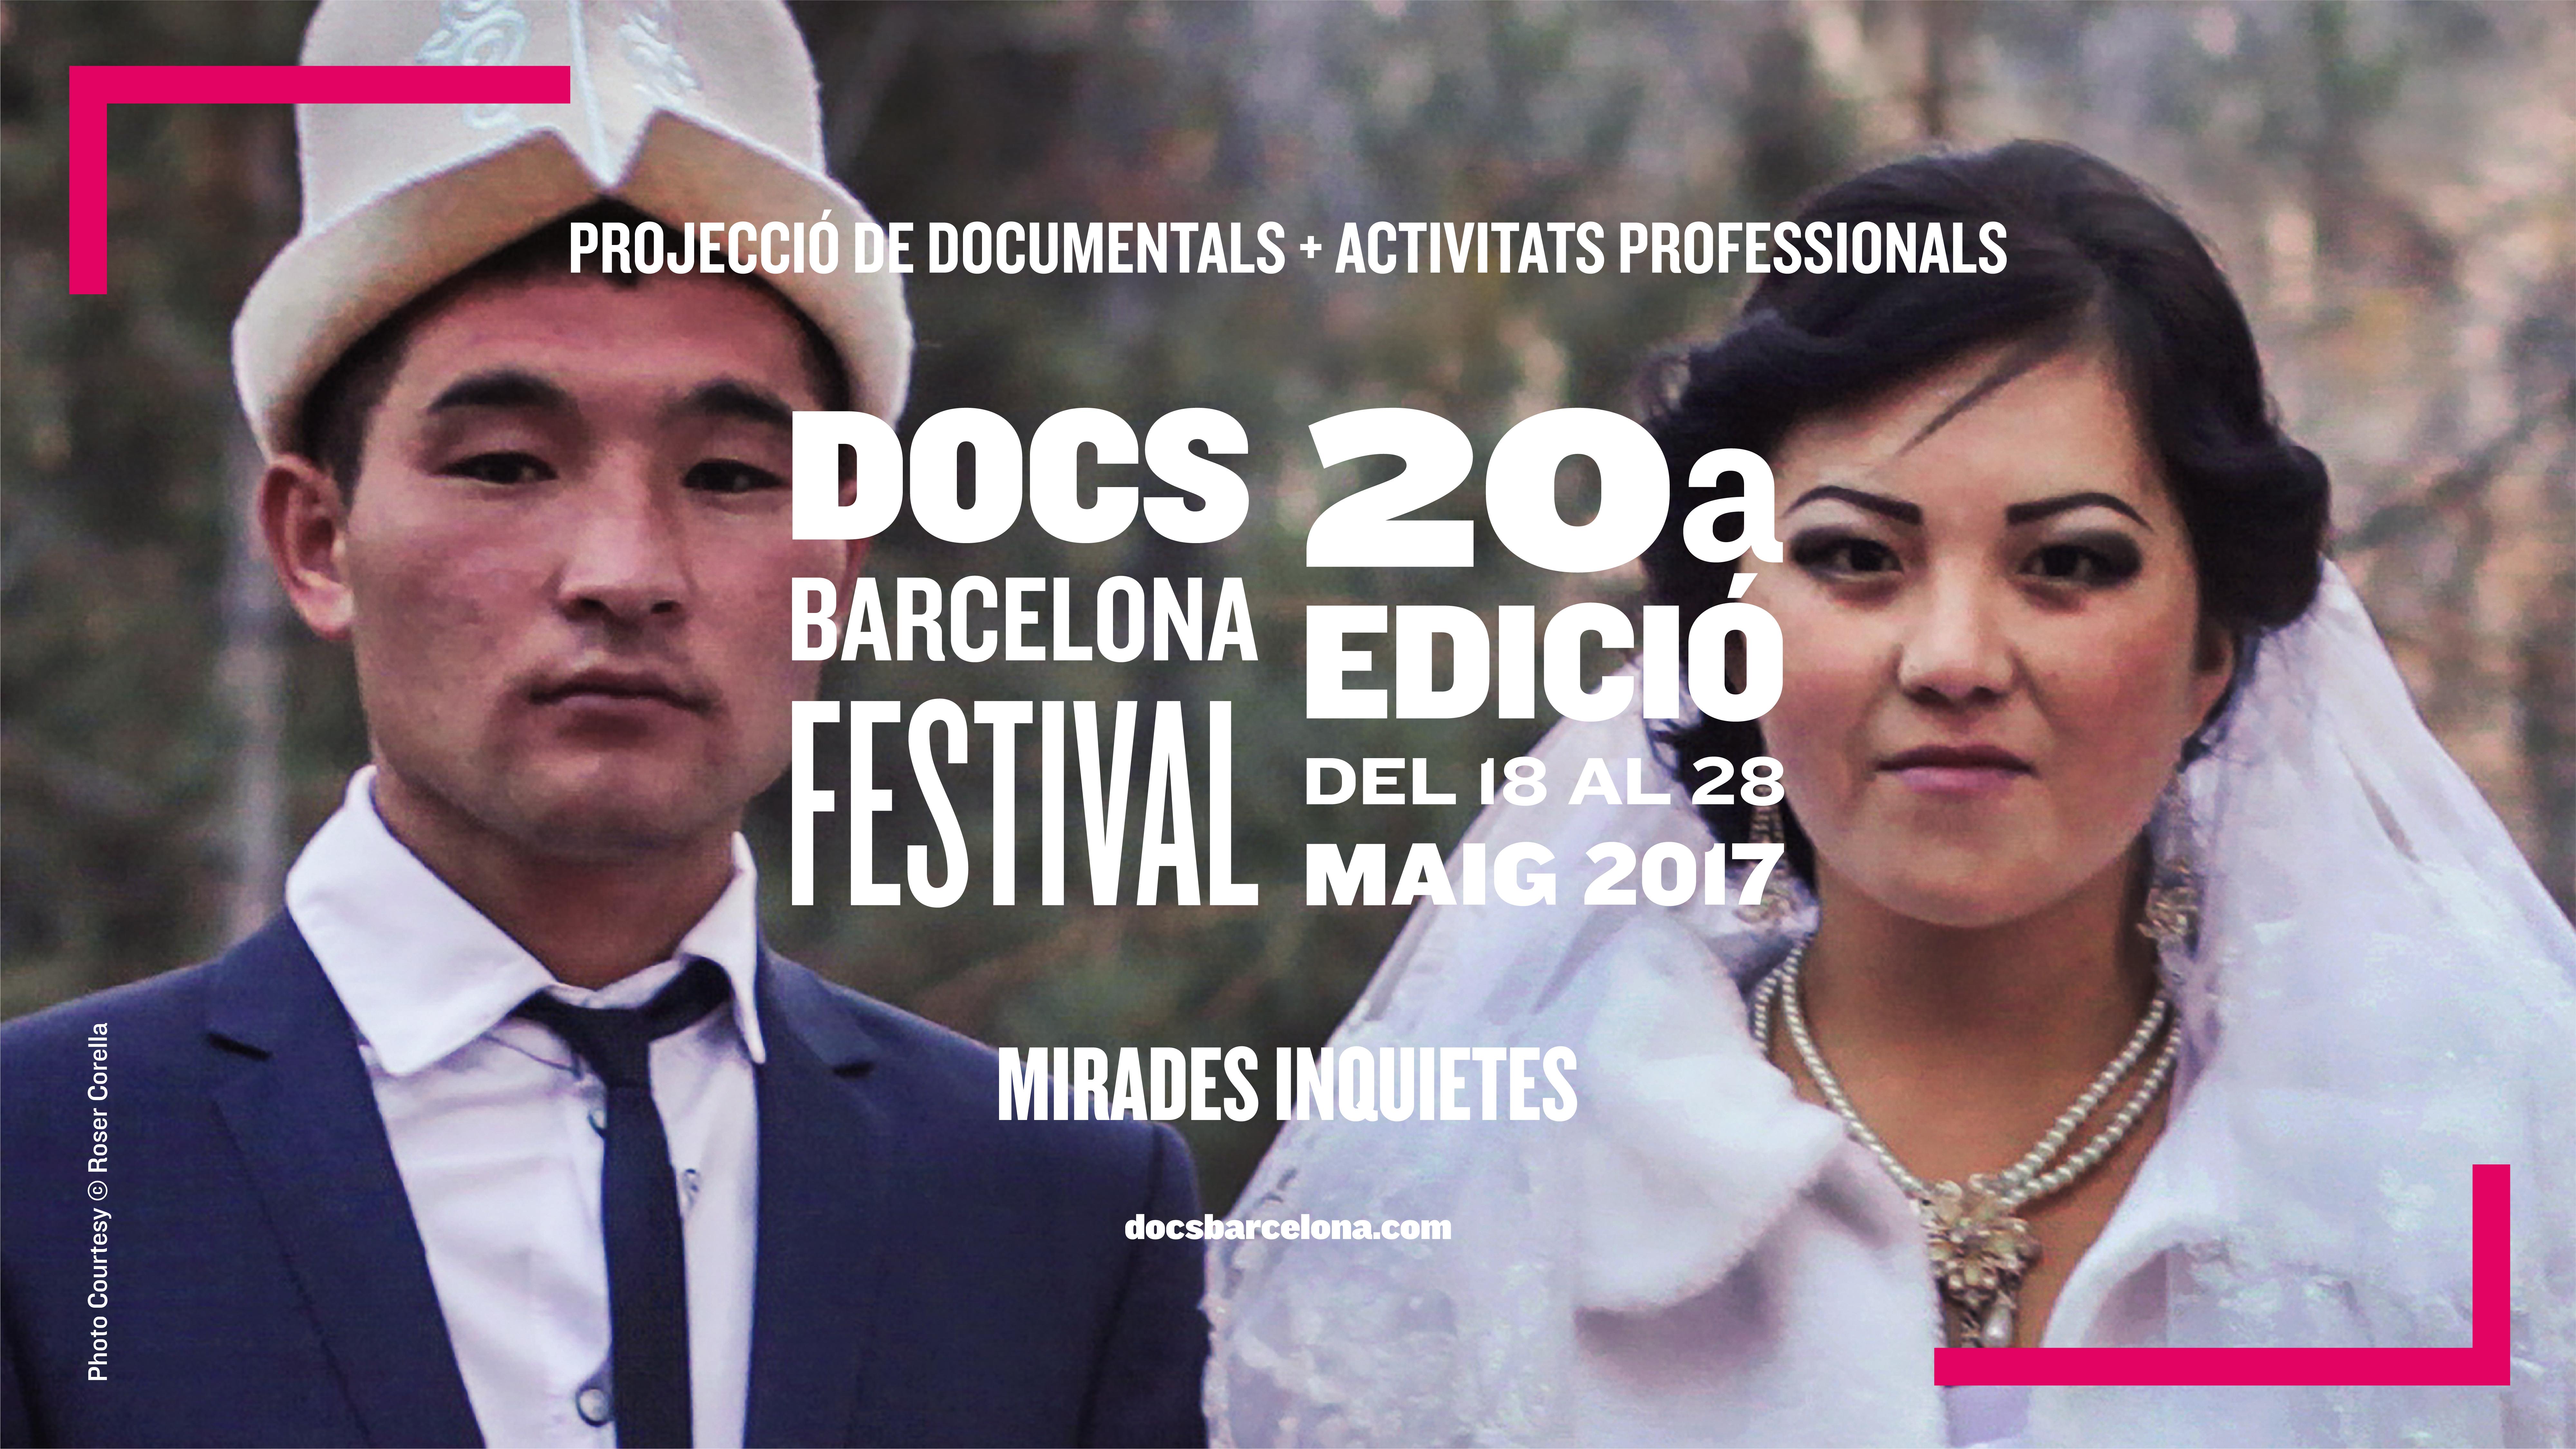 Última setmana per acreditar-se al DocsBarcelona!